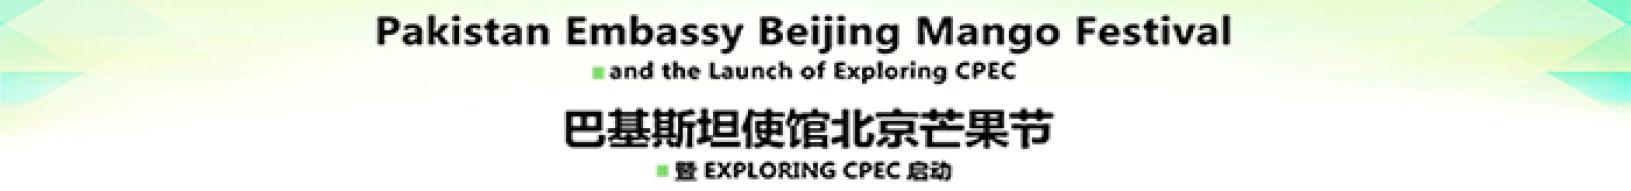 巴基斯坦使馆北京芒果街banner.jpg